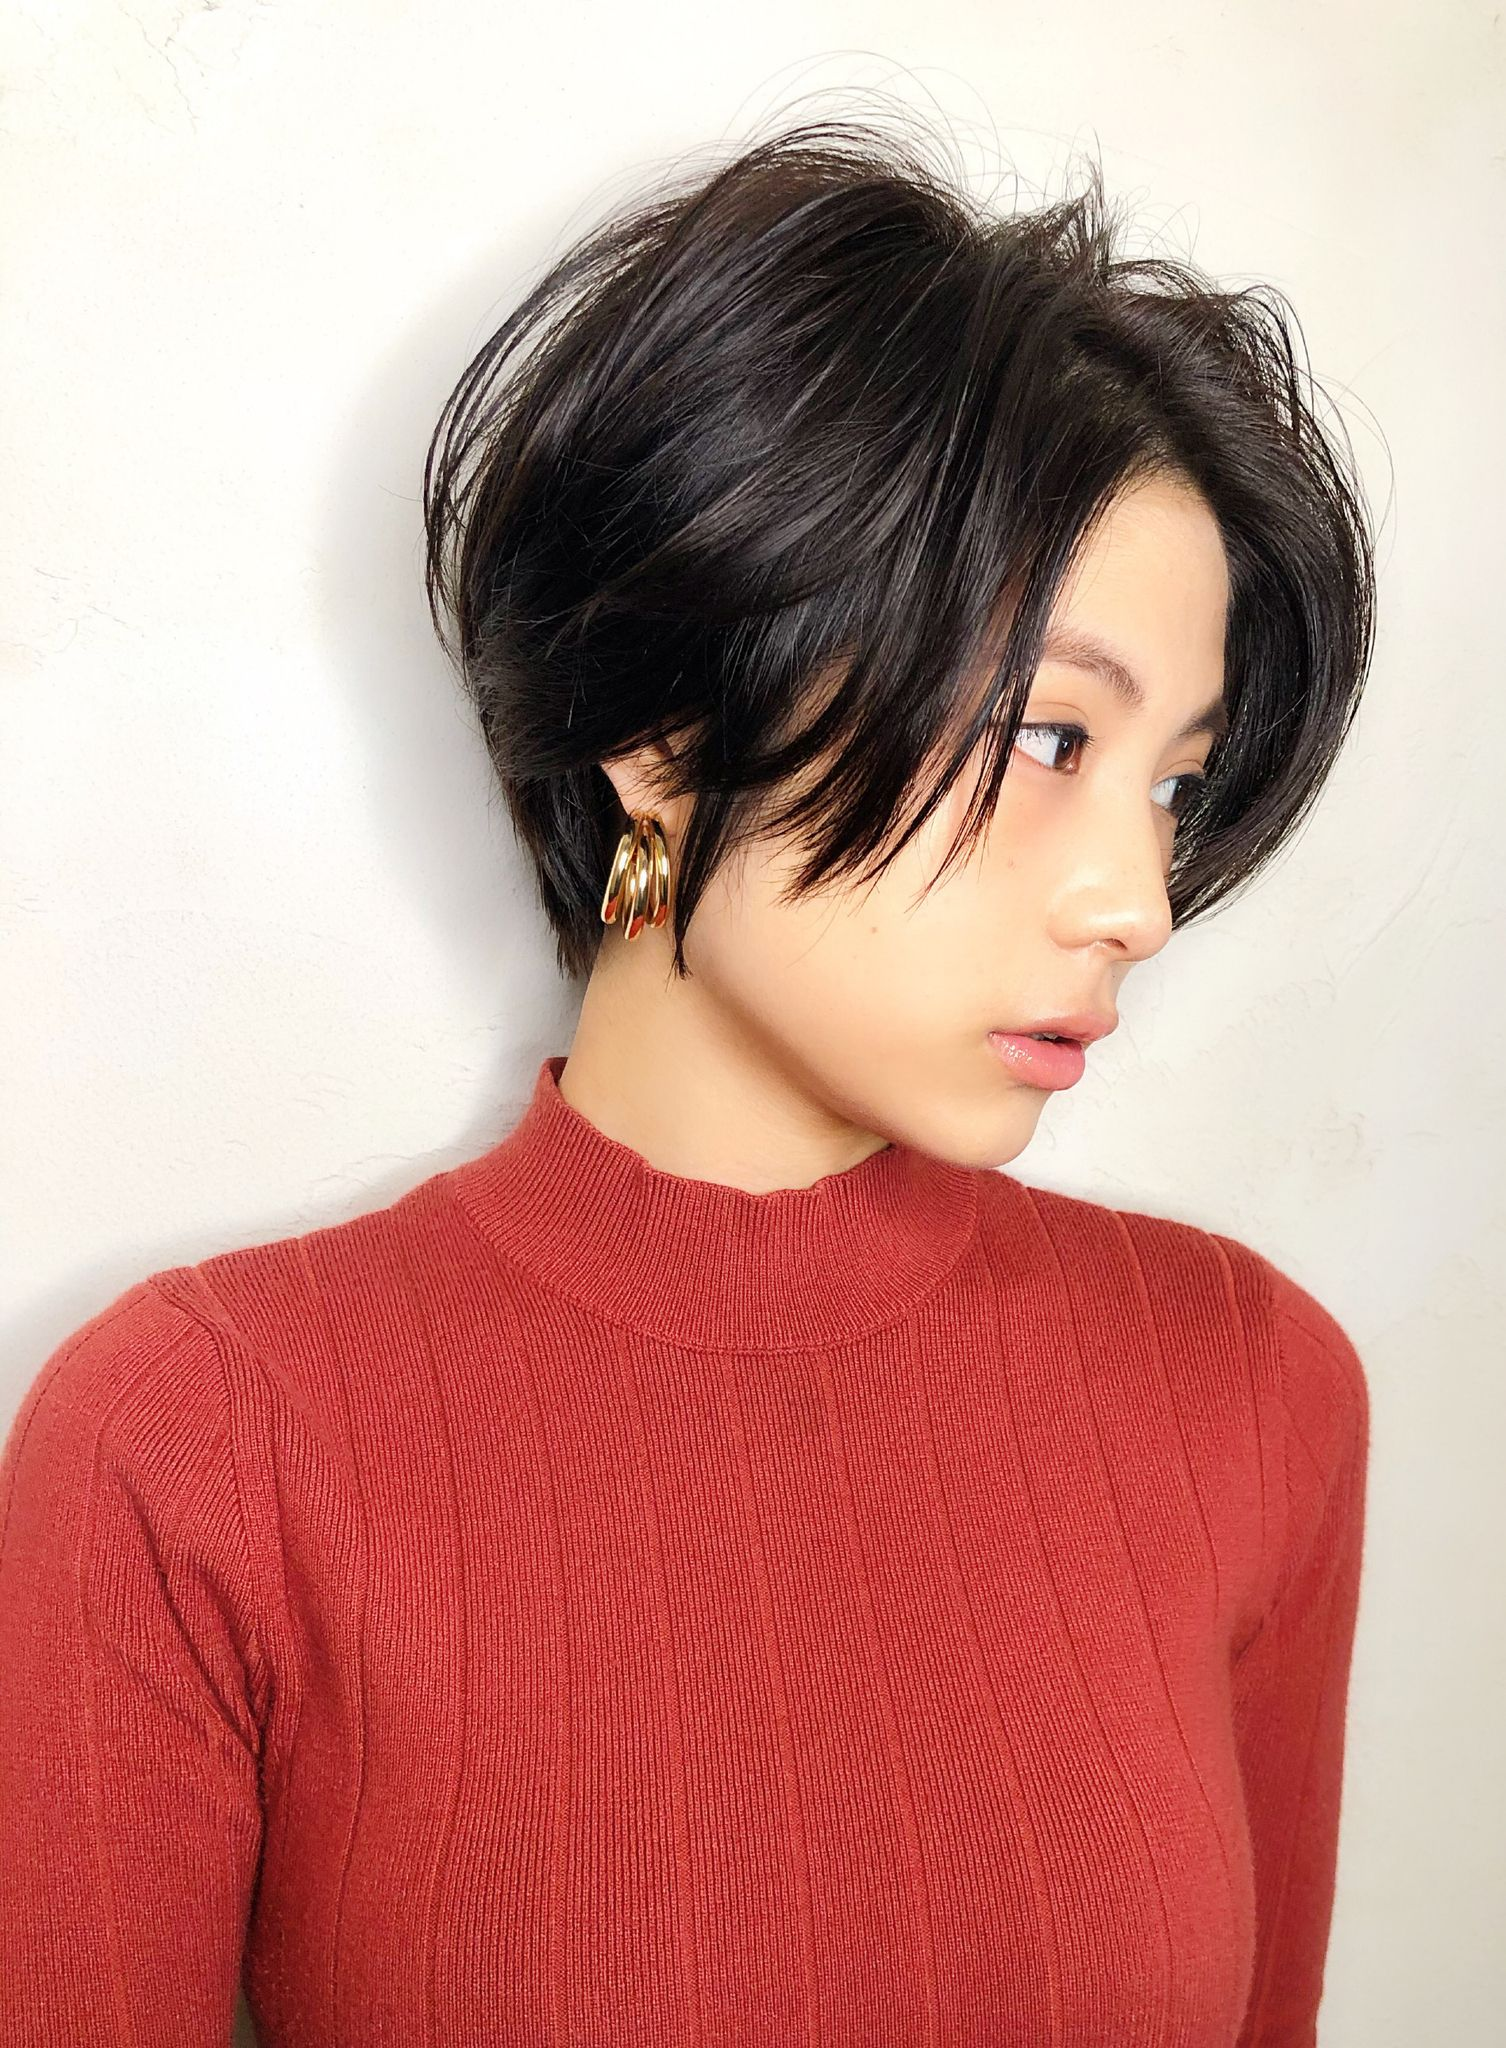 北川 景子 髪型 ショート 北川景子の髪型65選!髪の長さ&出演ドラマ別にオーダー術やアレンジも...